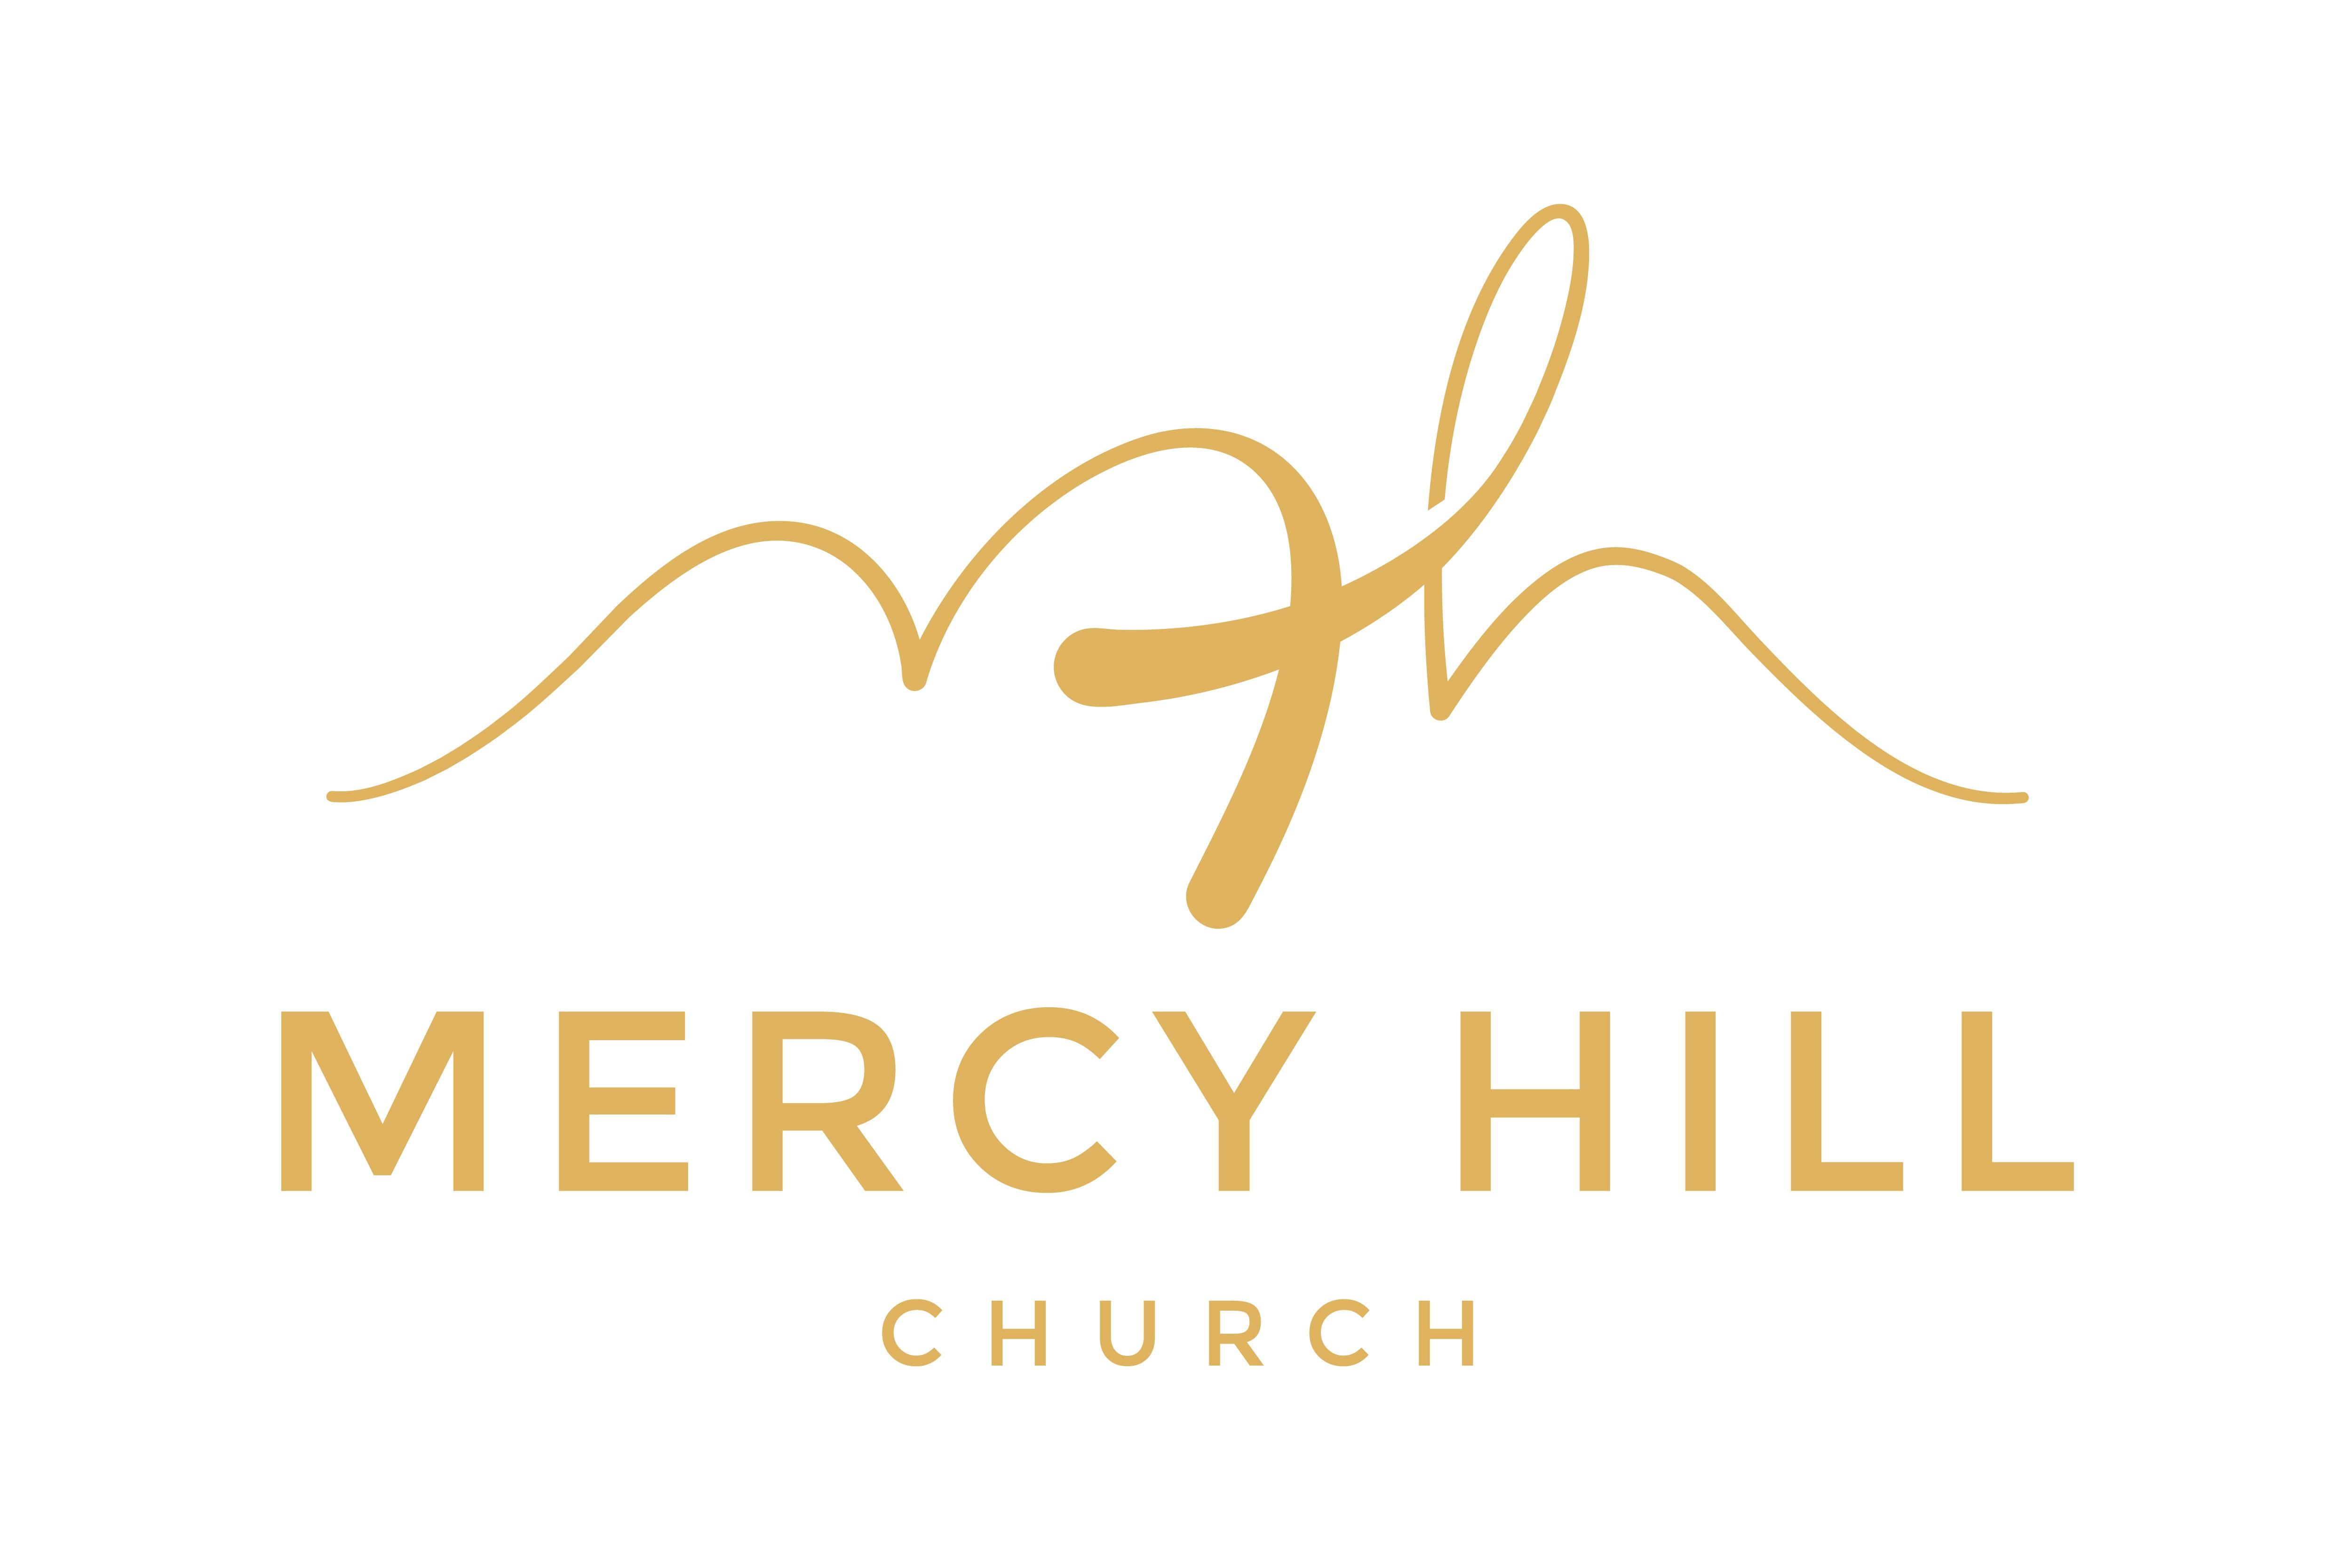 Modern Church needs logo